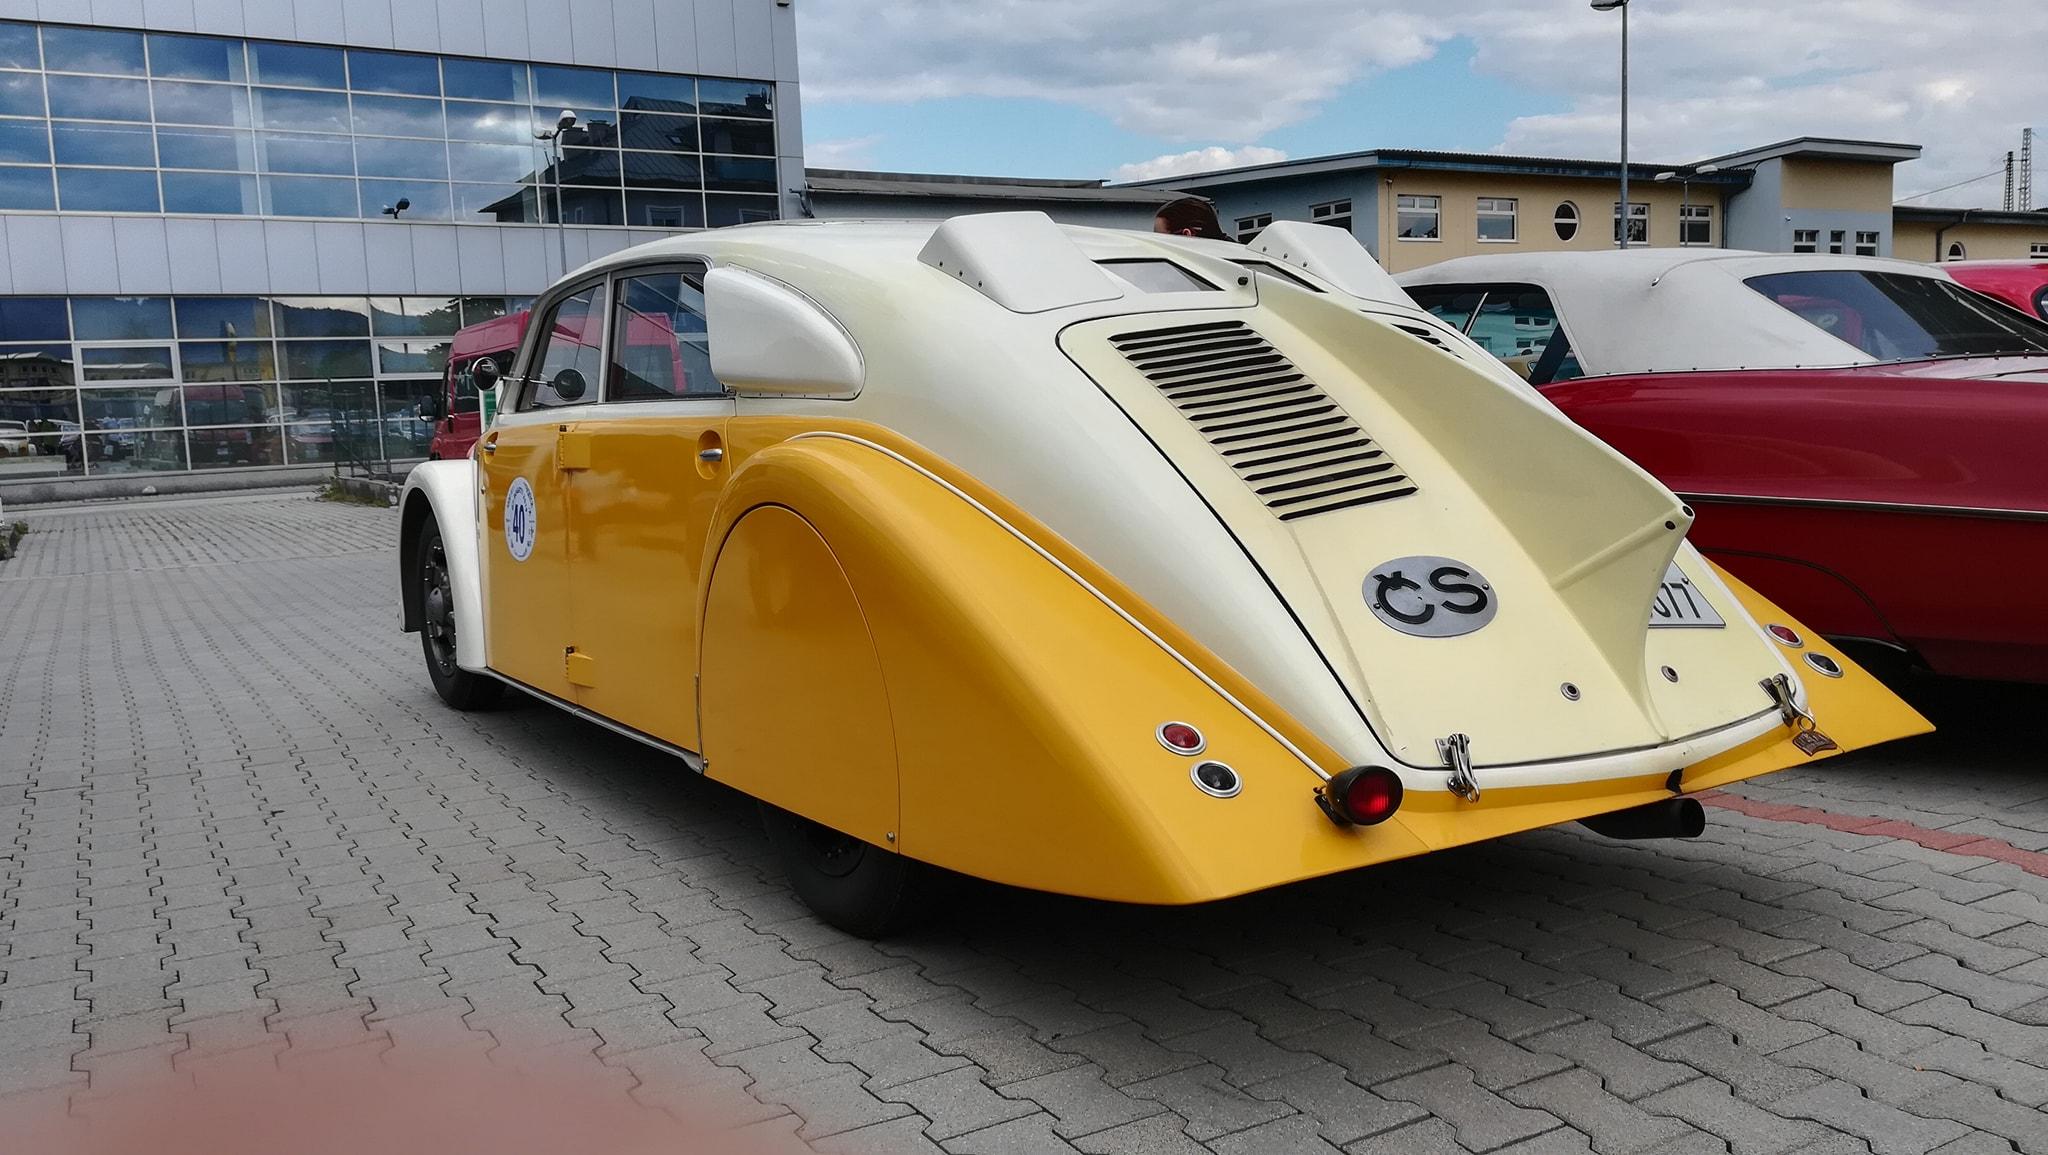 Tatra-77-1933-1934-klaar-gemaakt-voor-rally-1000-mij-in-CZ--(5)